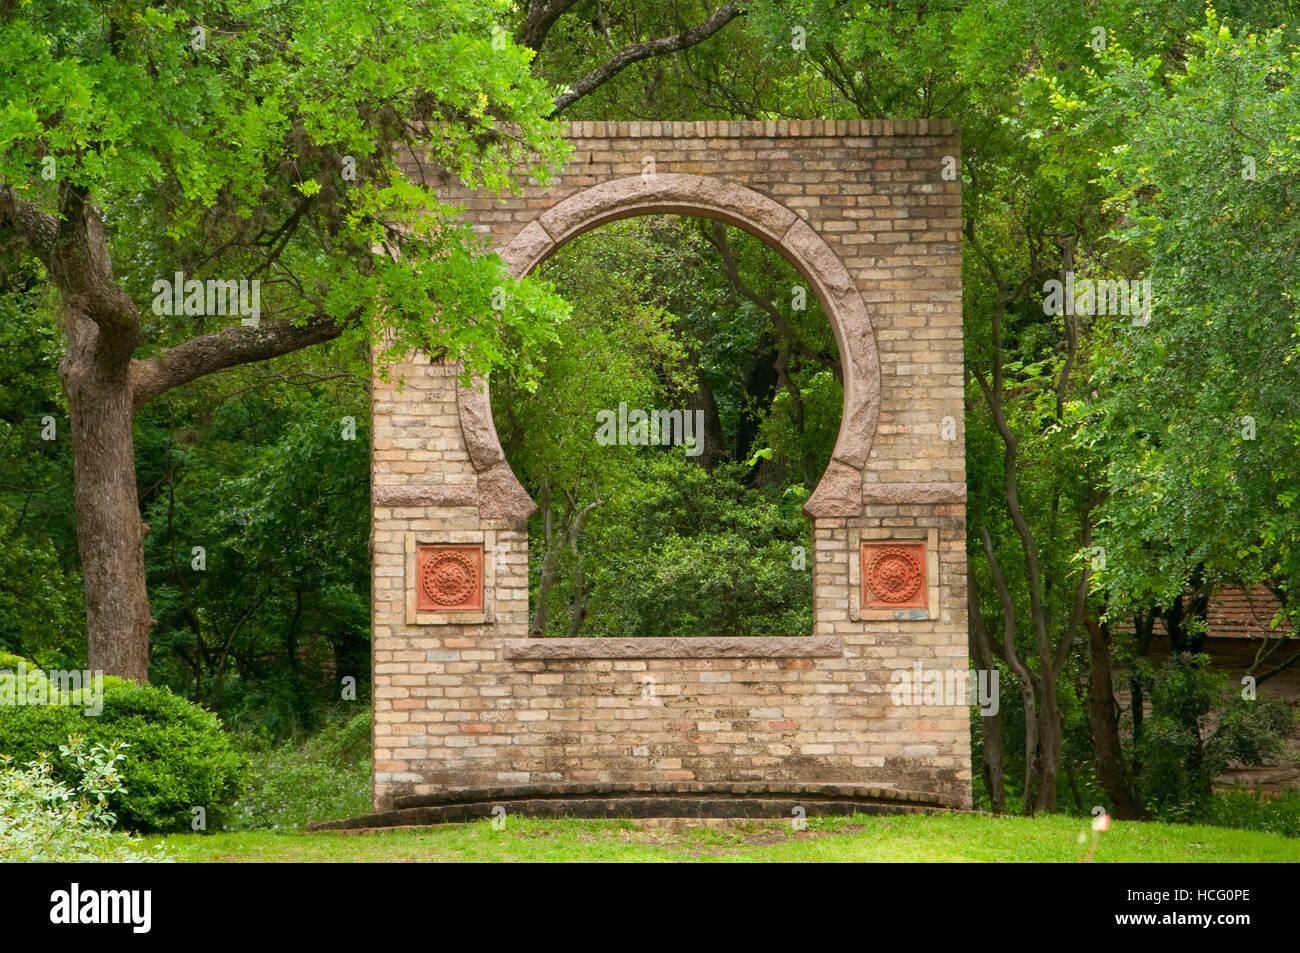 Butler Window, Zilker Botanical Garden, Austin, Texas